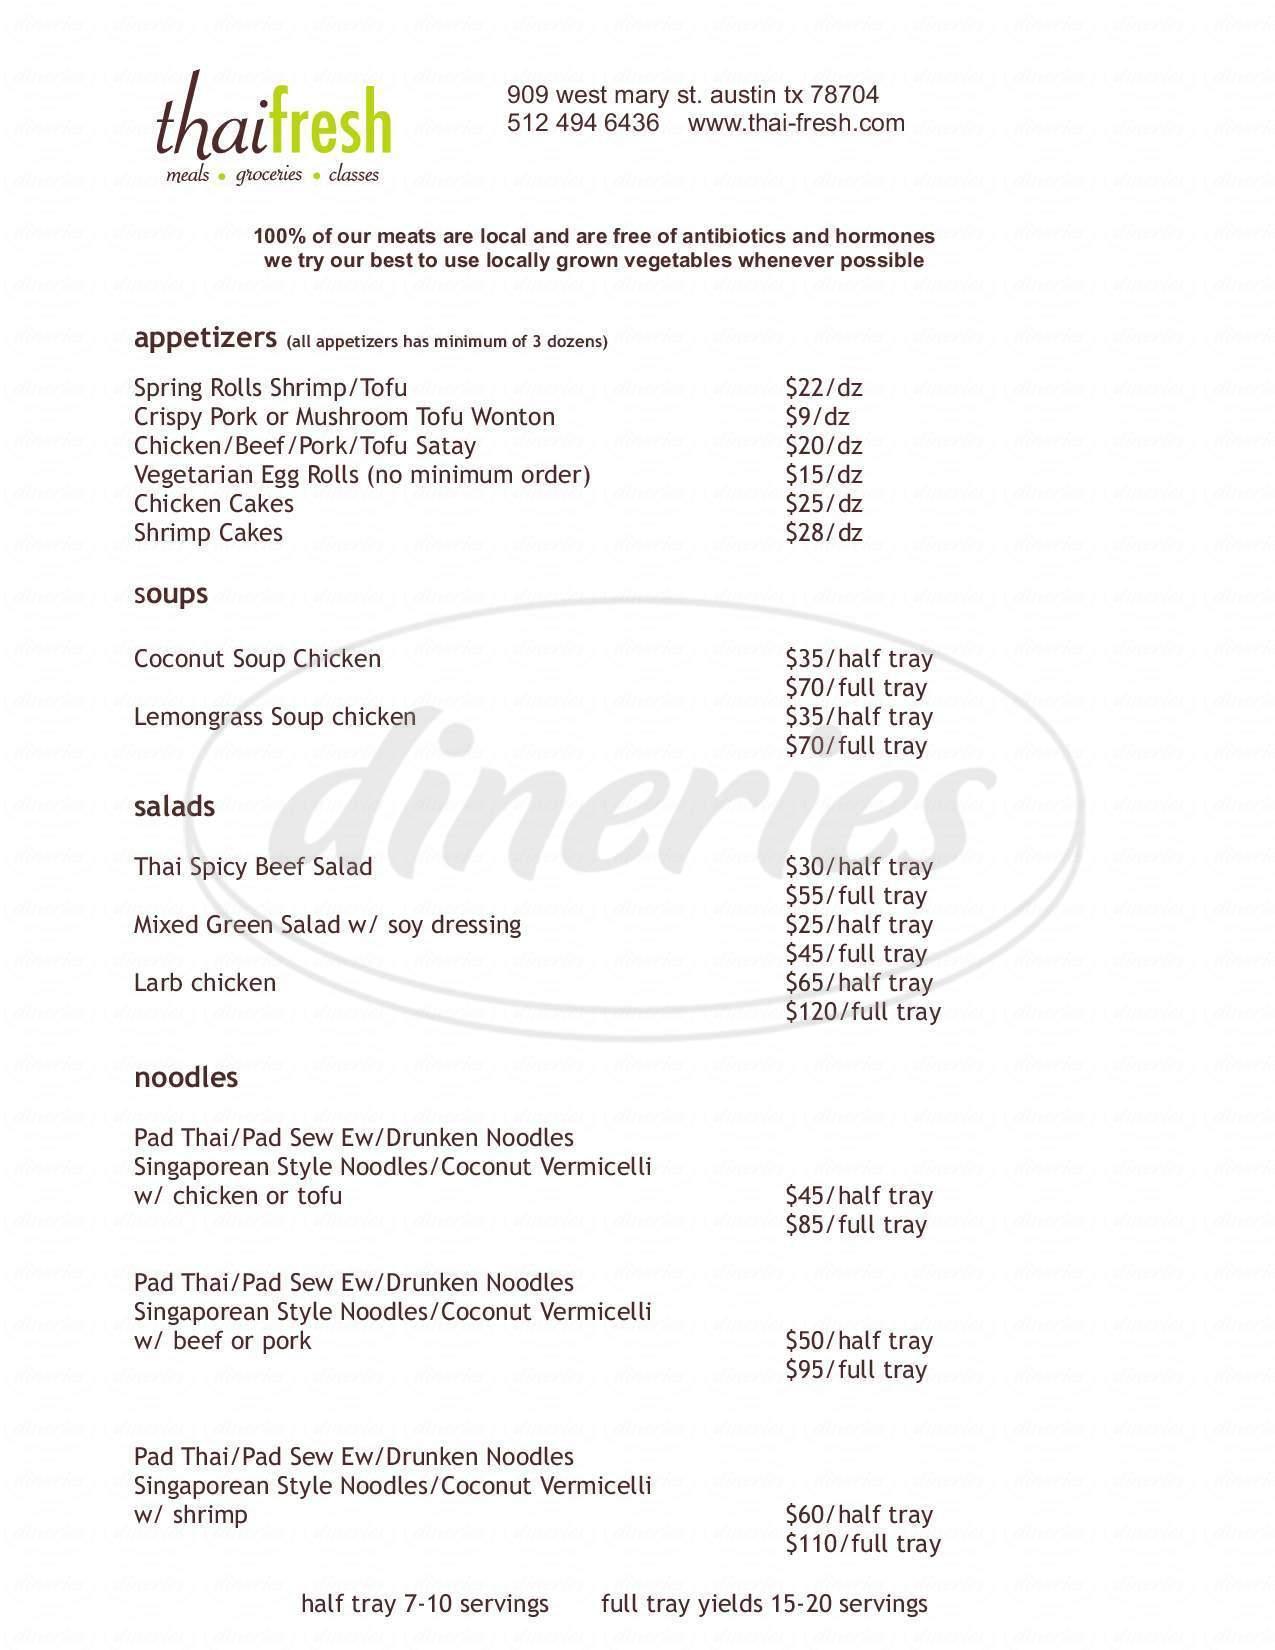 menu for Thai Fresh